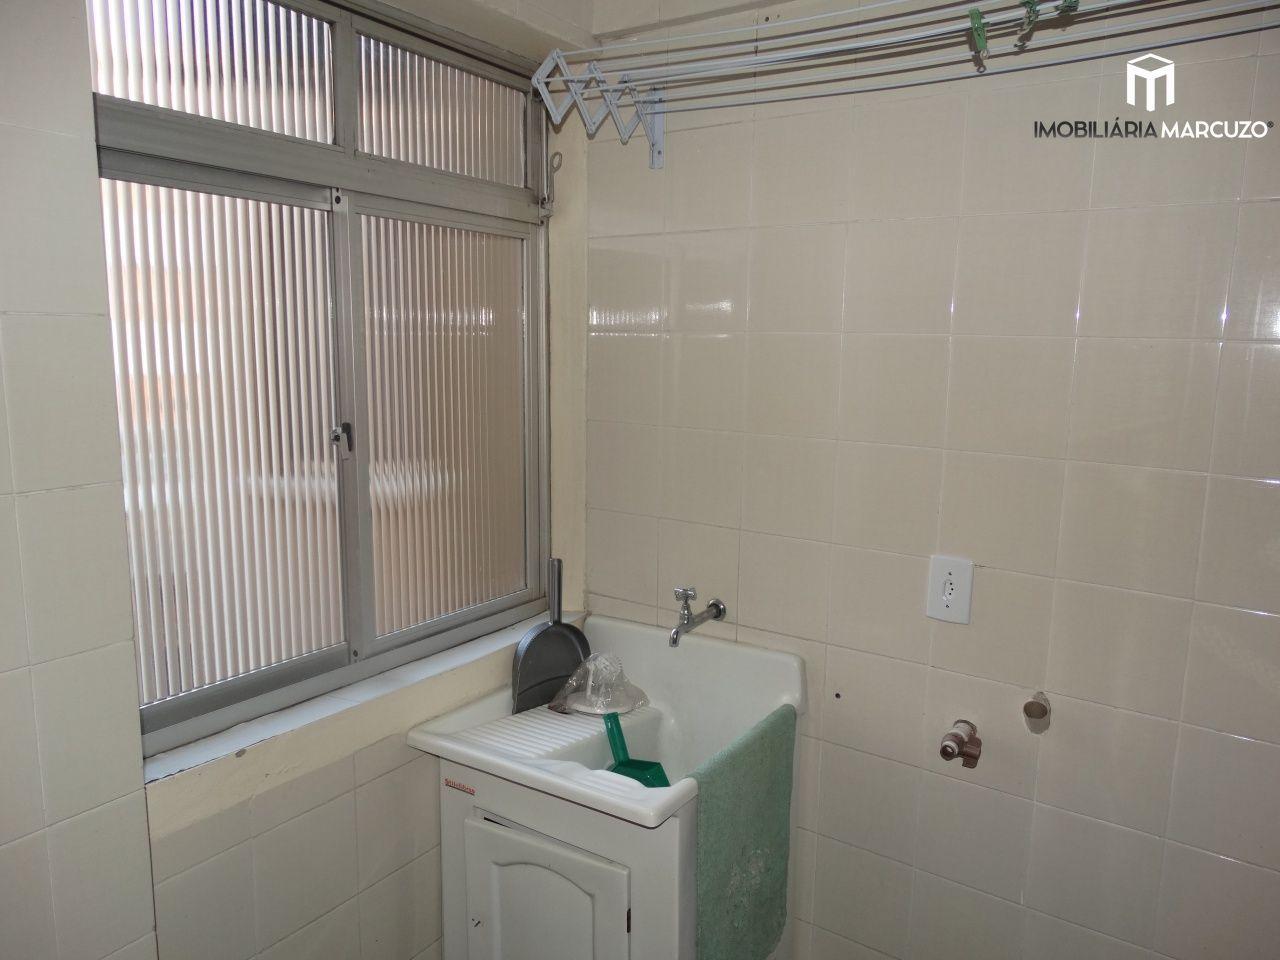 Apartamento com 2 Dormitórios à venda, 80 m² por R$ 190.000,00